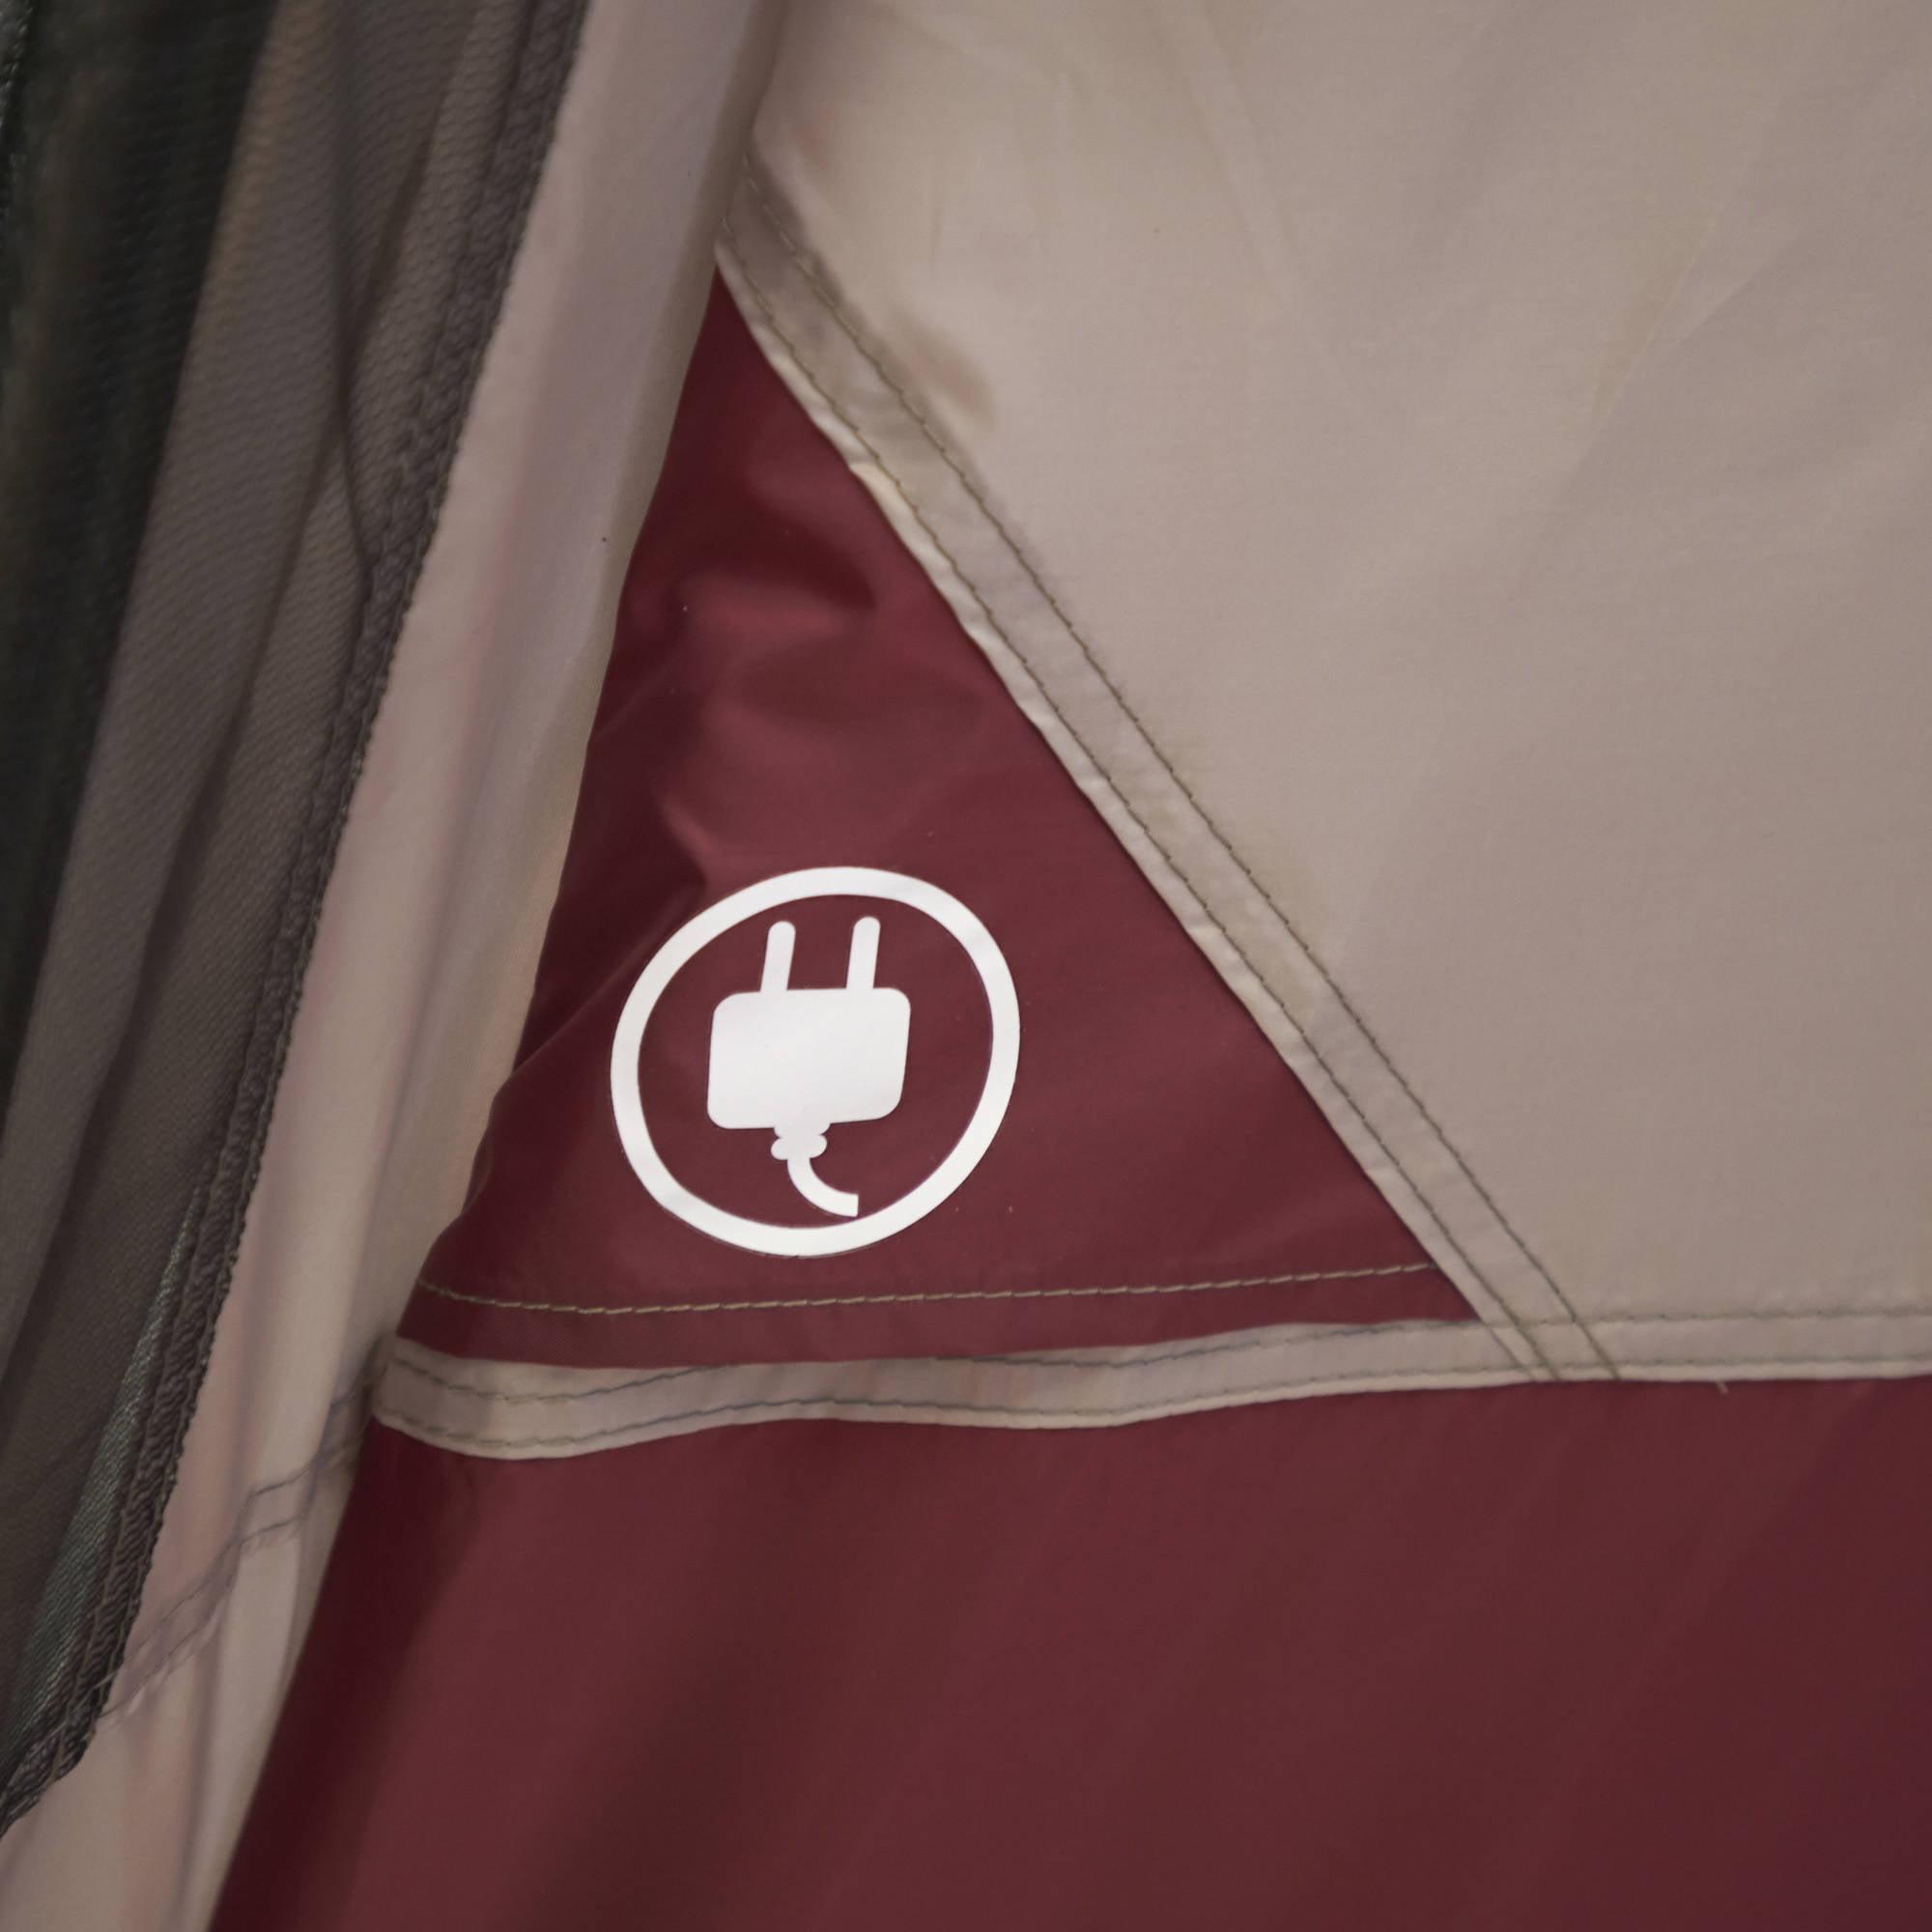 & Ozark Trail 12-Person Cabin Tent with Screen Porch - Walmart.com